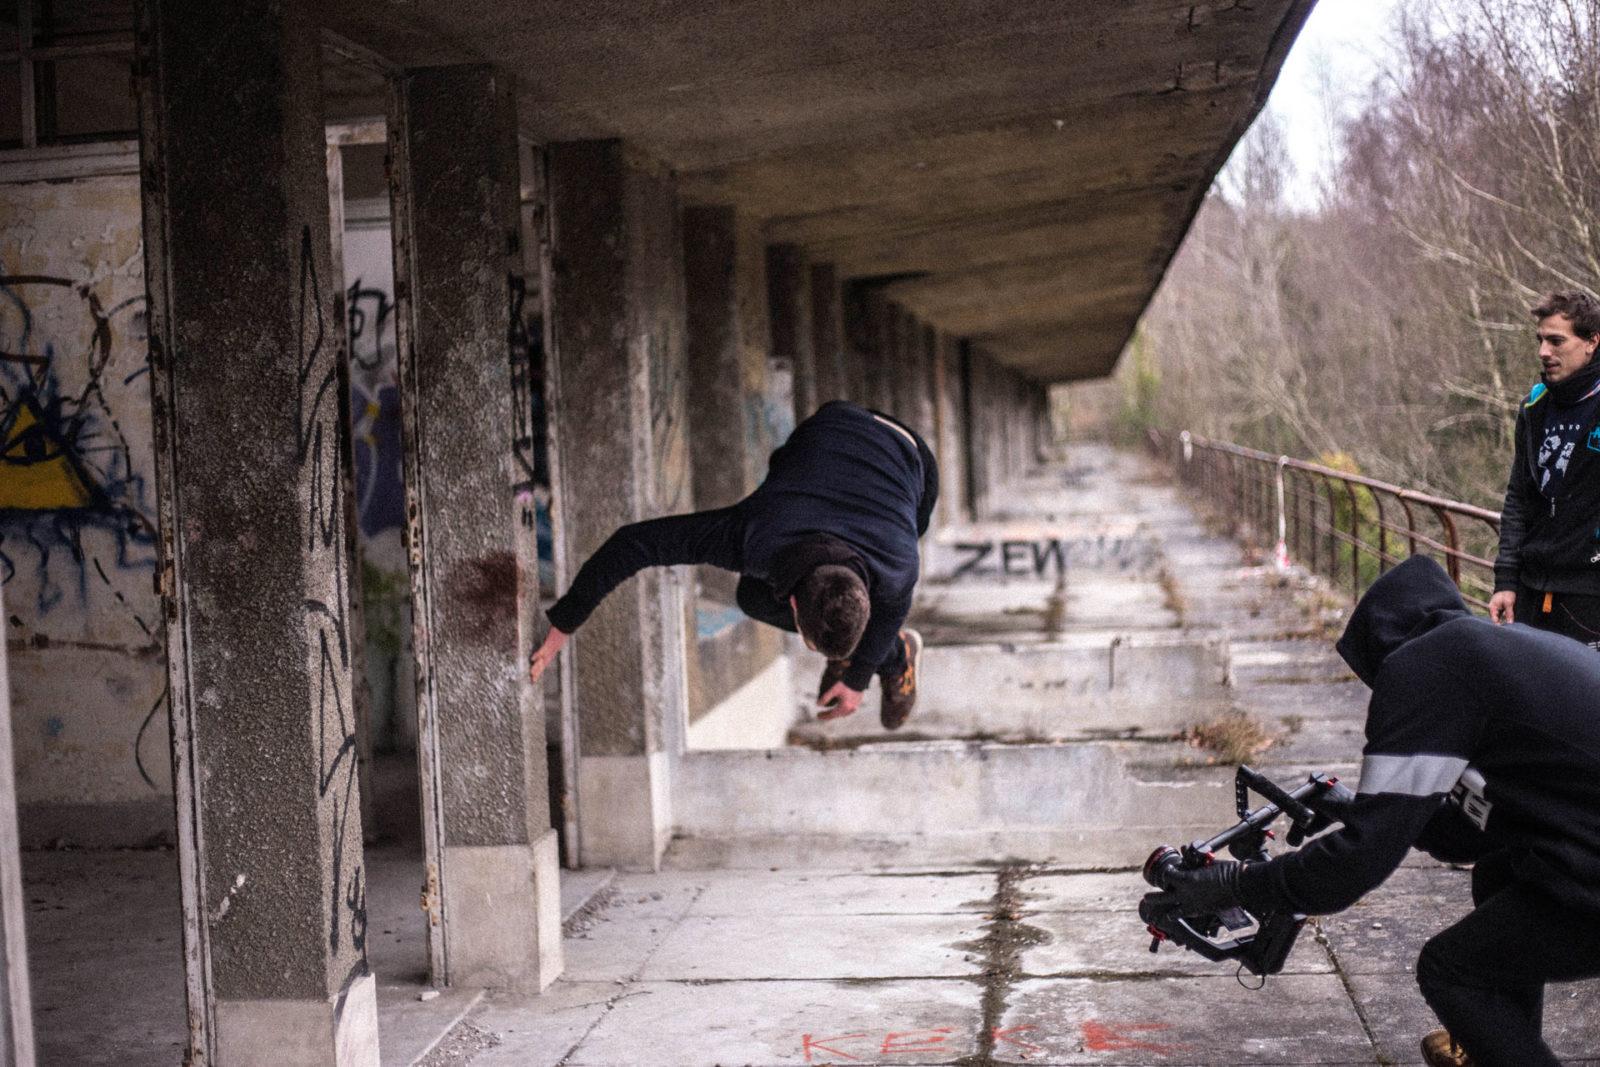 IMG5558 - Urbex x Parkour : visite acrobatique d'un sanatorium abandonné